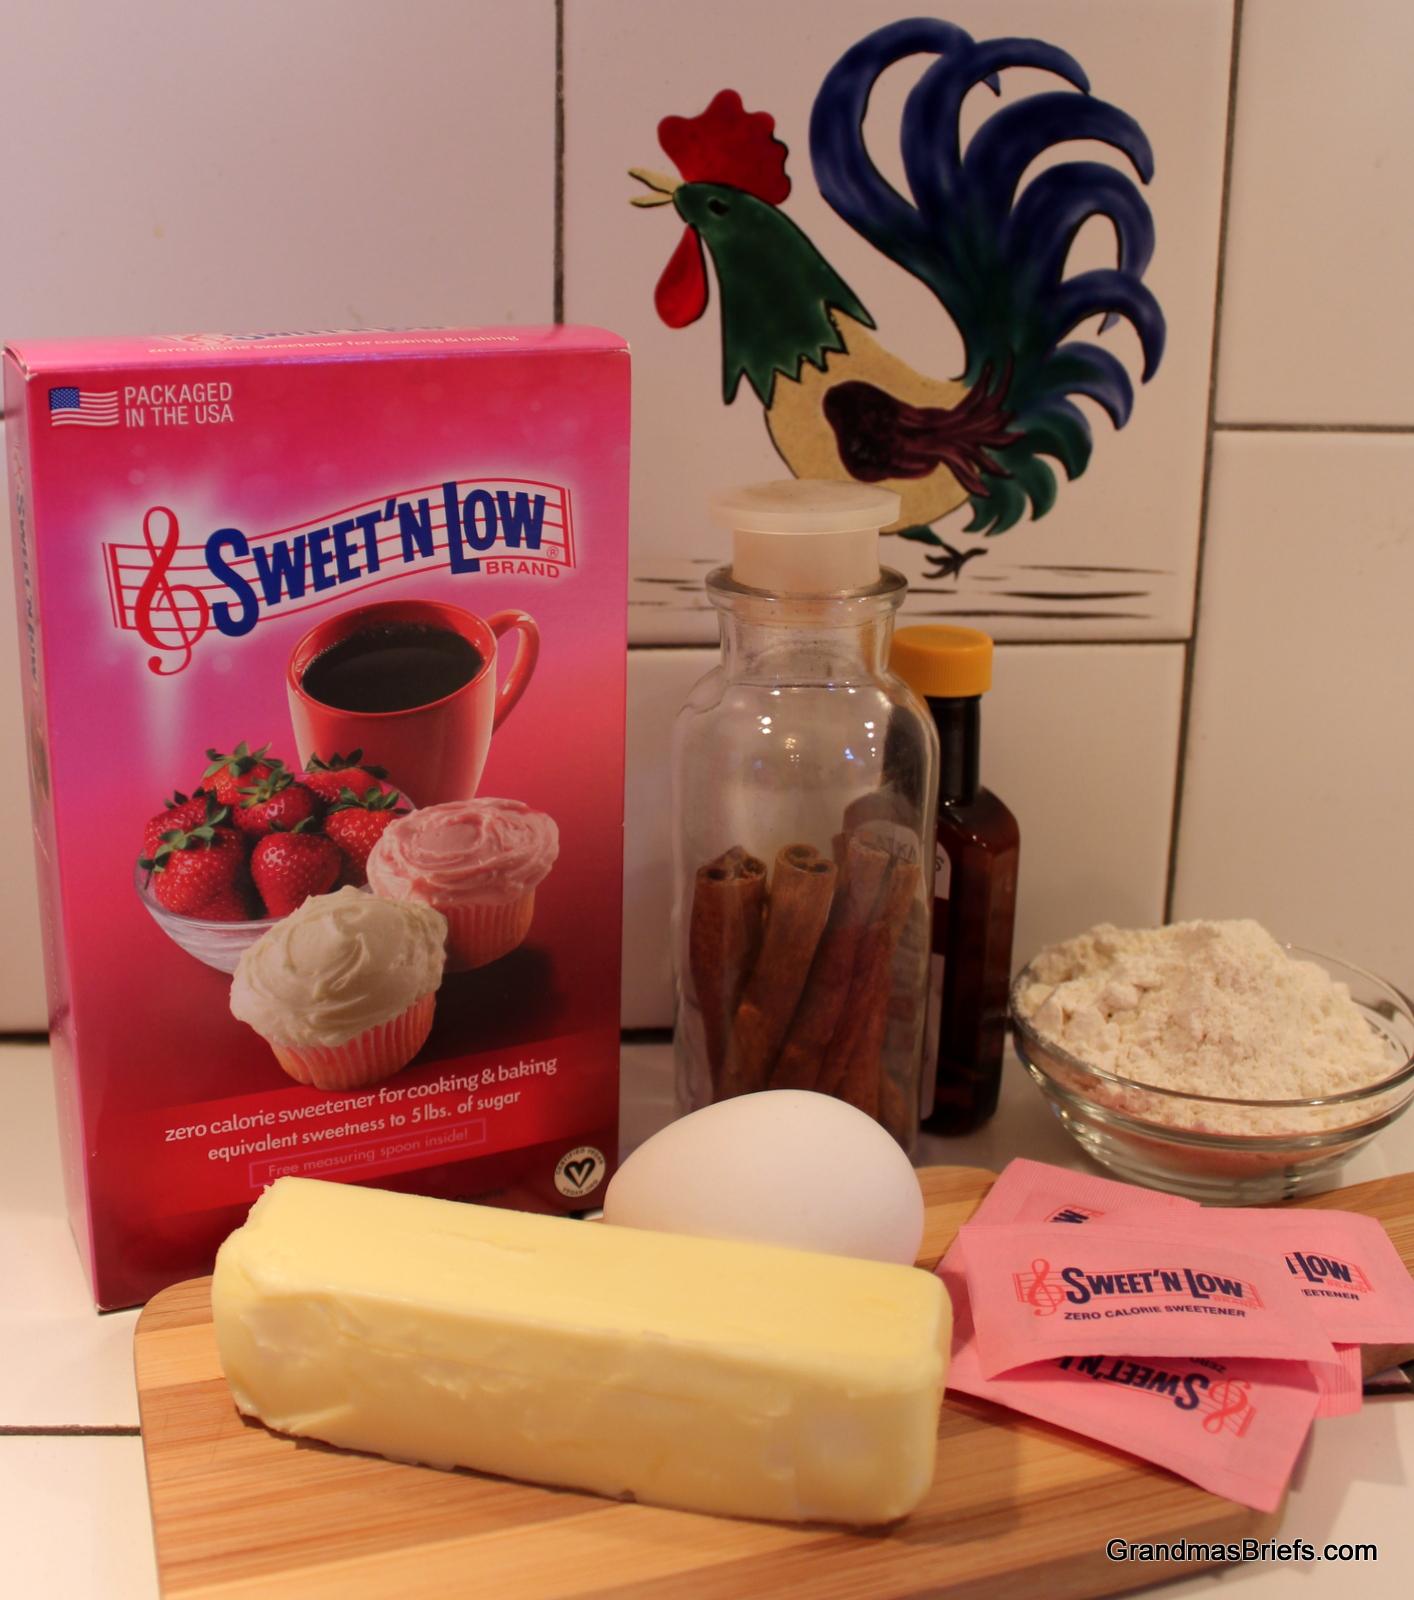 Cookie ingredients SweetNlow.JPG